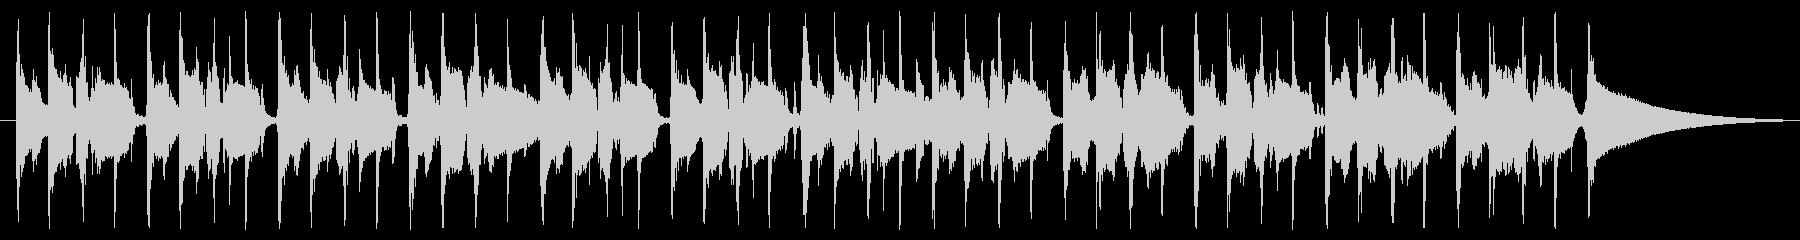 使いやすいファンク 30秒版の未再生の波形